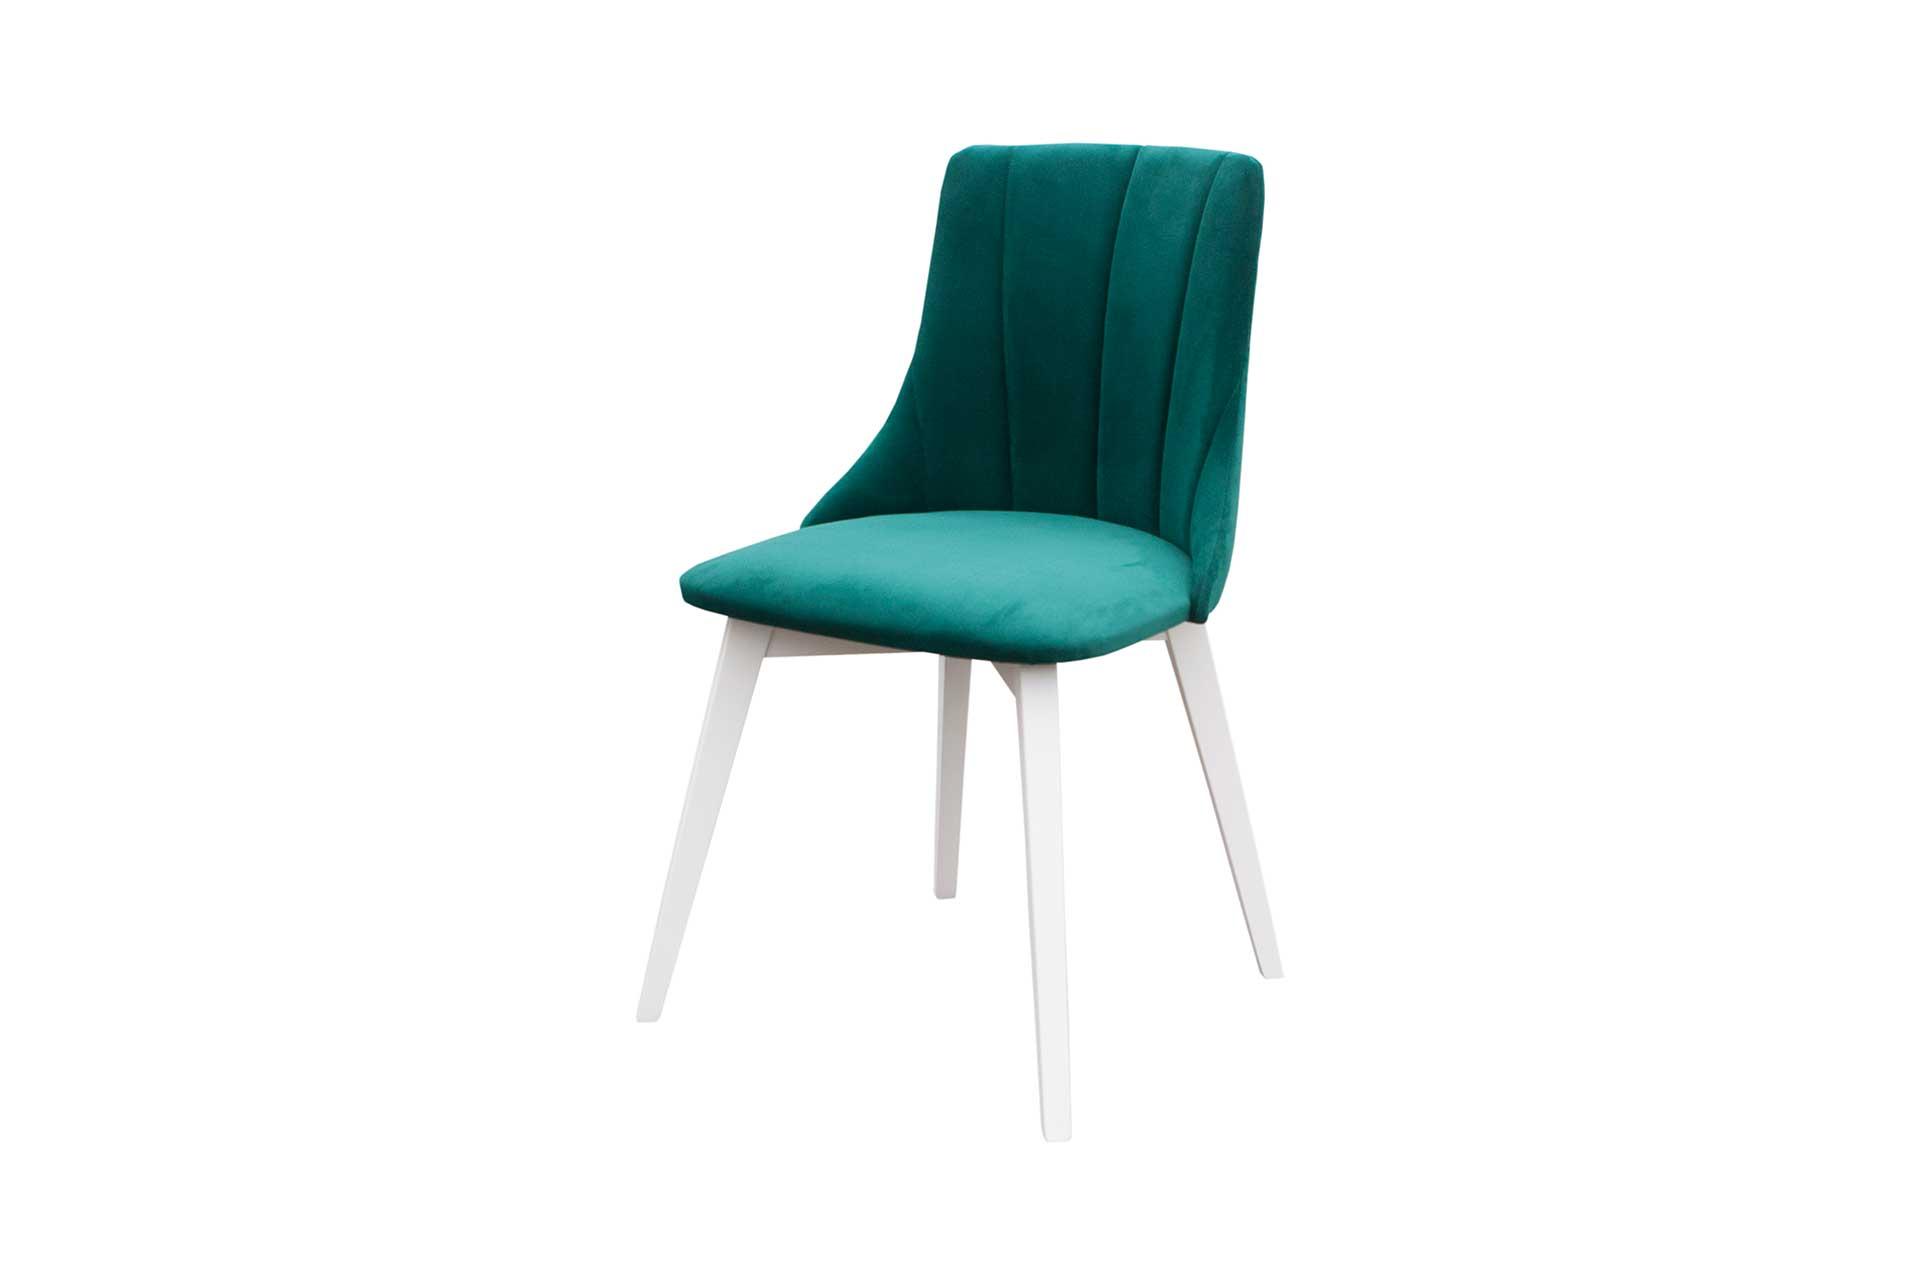 Fotel tapicerowany FLORA WGM Pankau